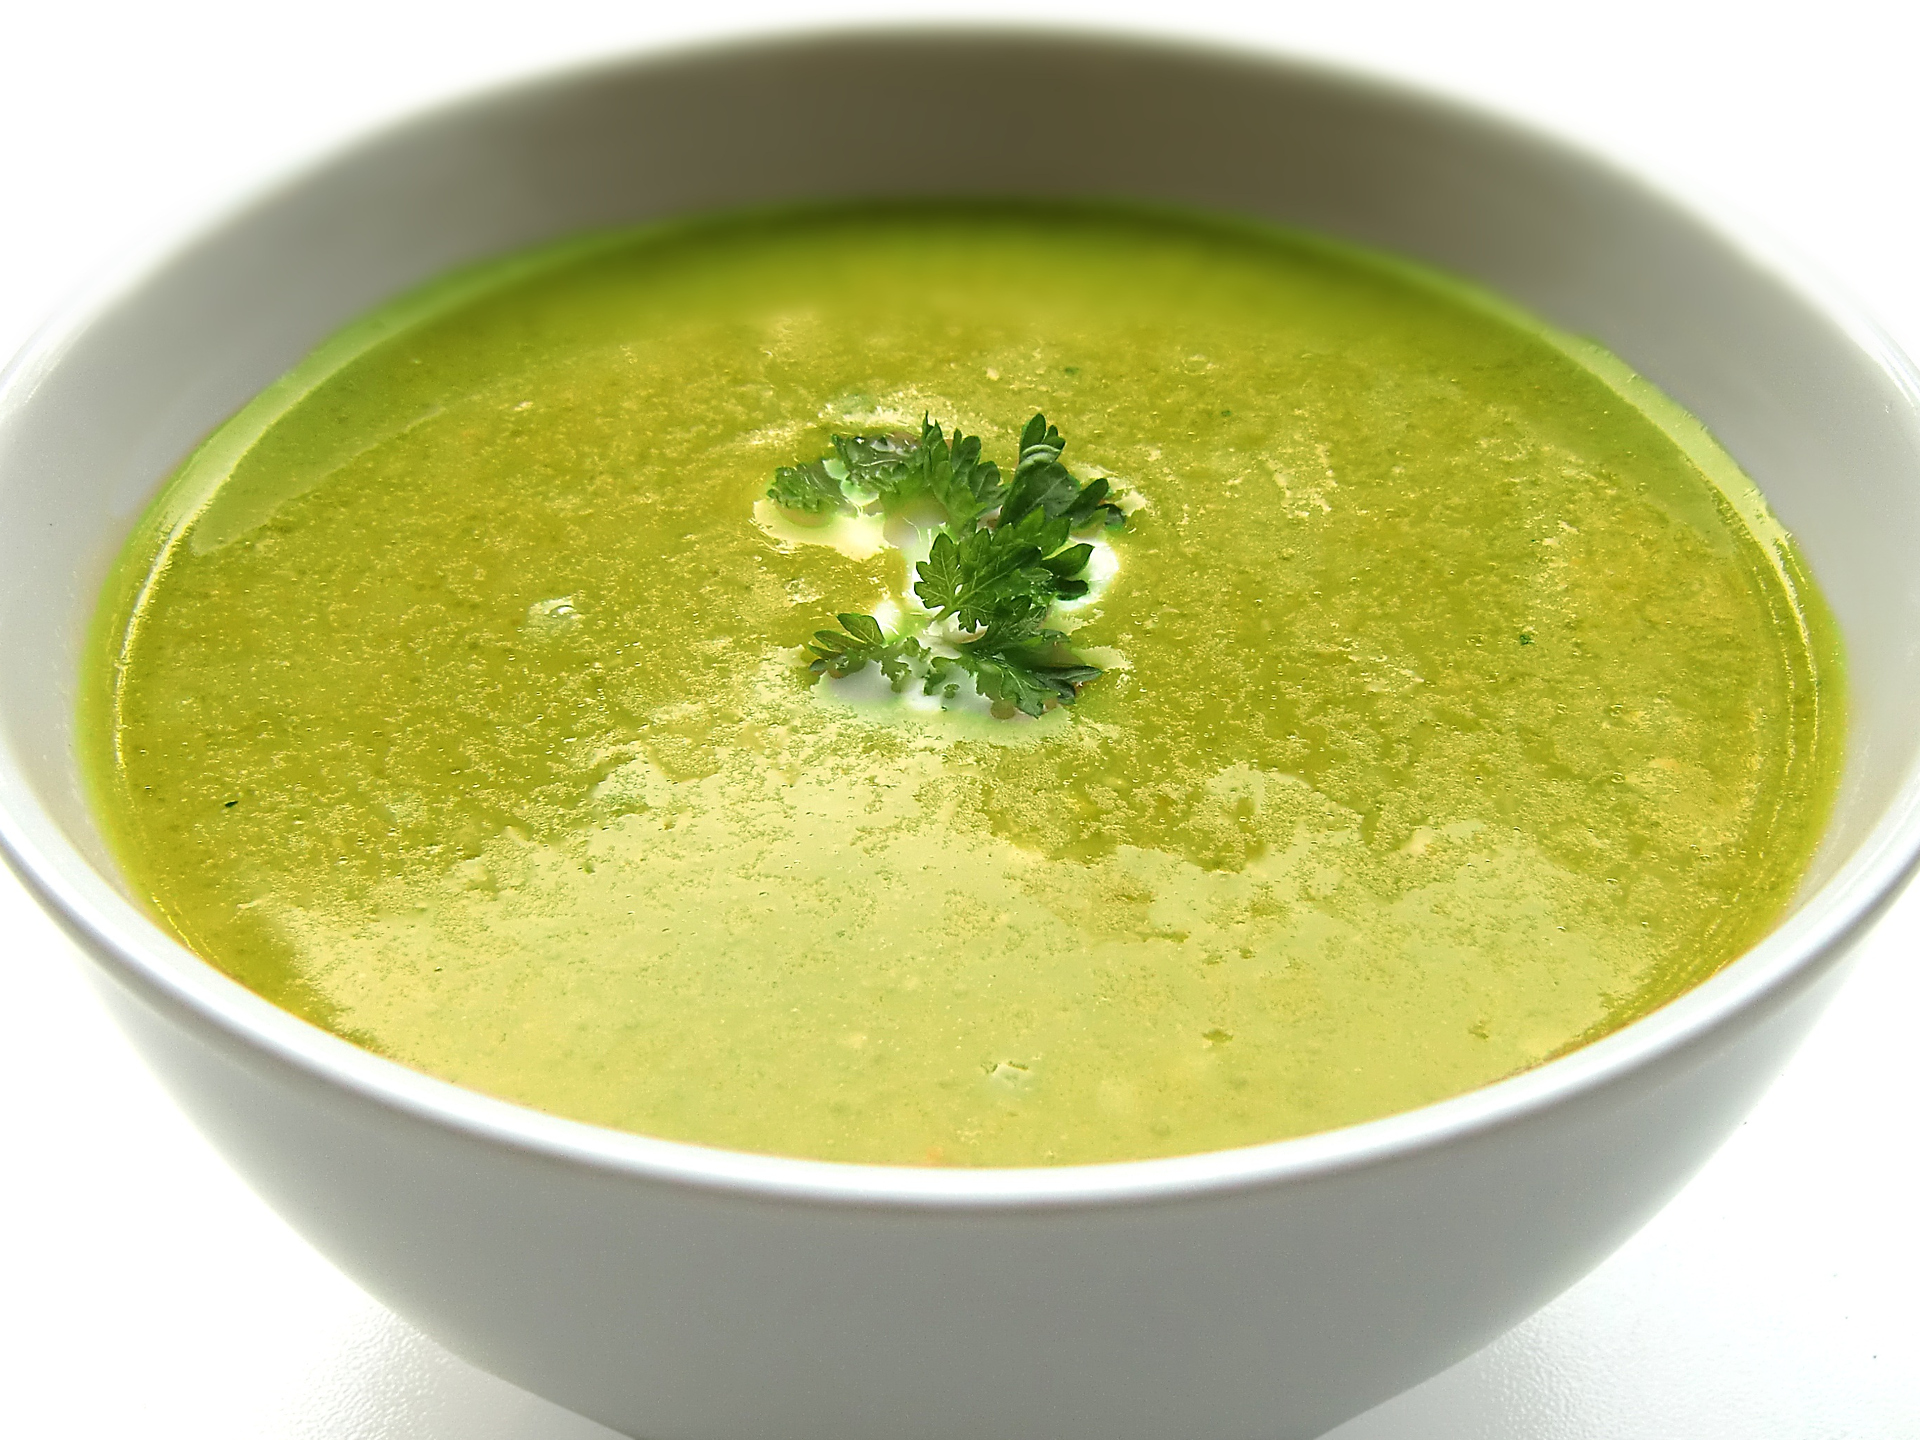 Giersch kann auch zur Cremesuppe verarbeitet werden. Zu beachten ist jedoch, dass die großen, älteren Blätter sehr viel intensiver schmecken. - Photocredit: pixabay.com/Security